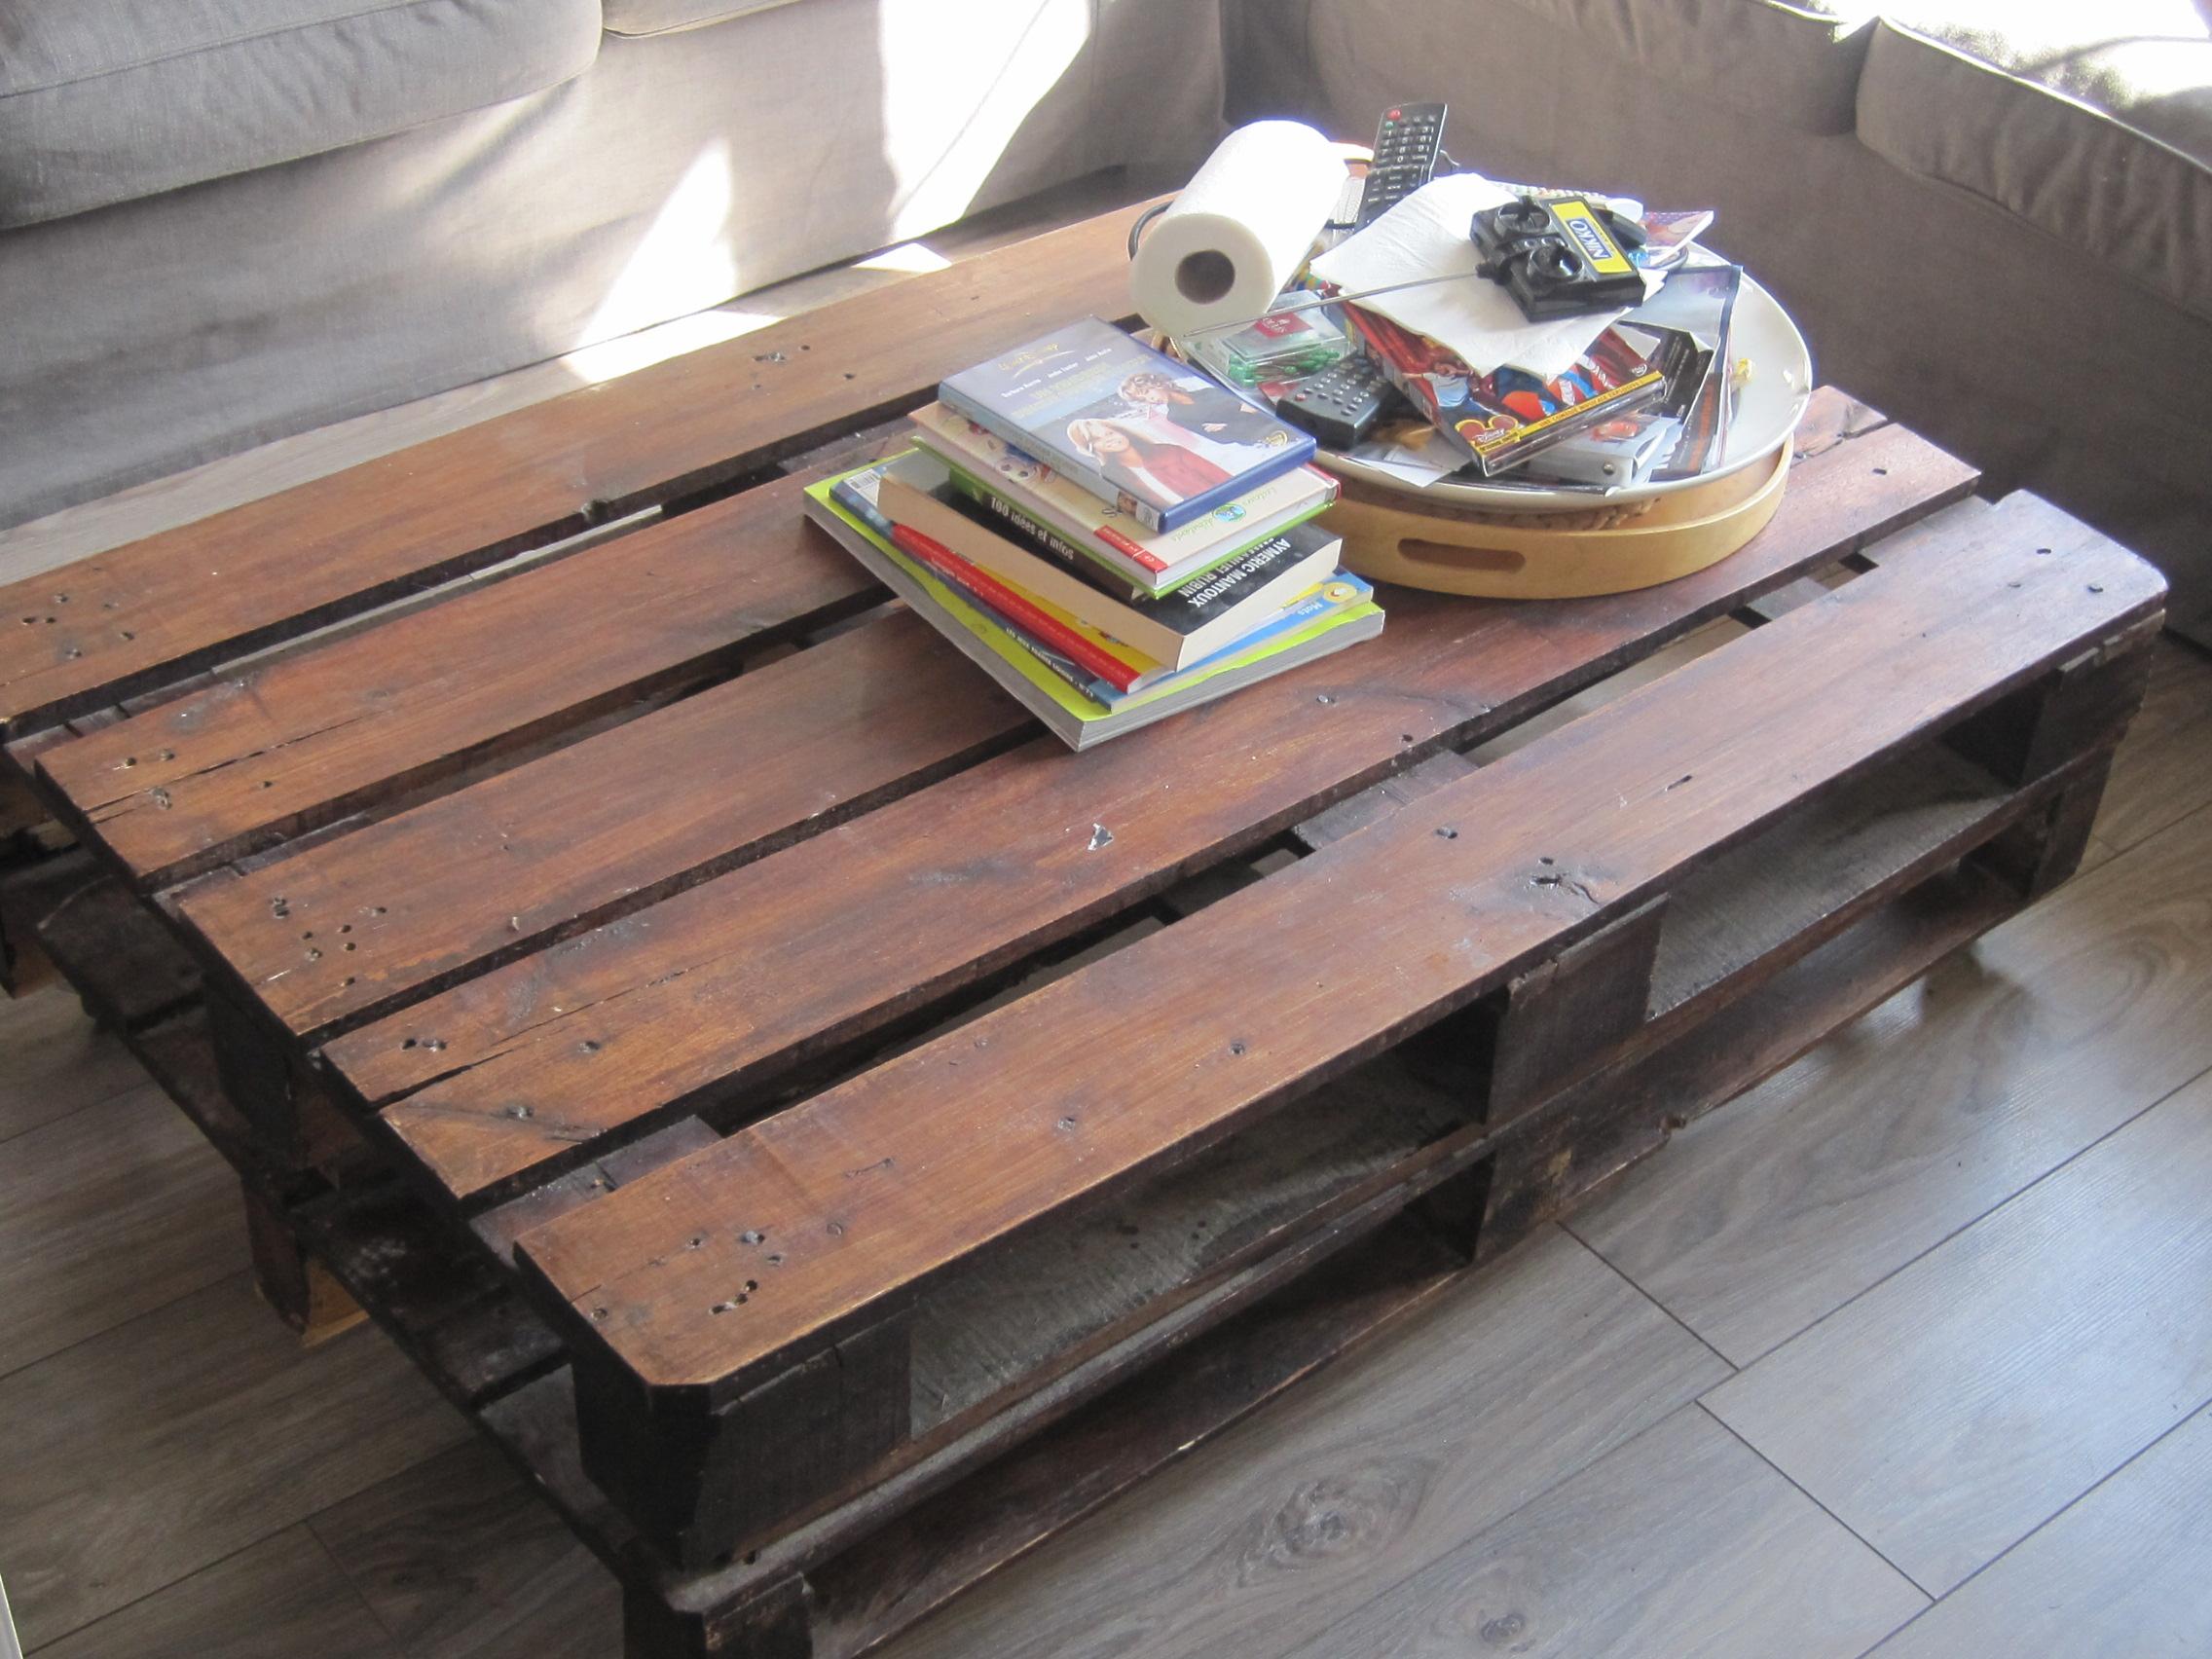 Une table de salon les petits carnets d 39 ella - Ou peut on recuperer des palettes ...